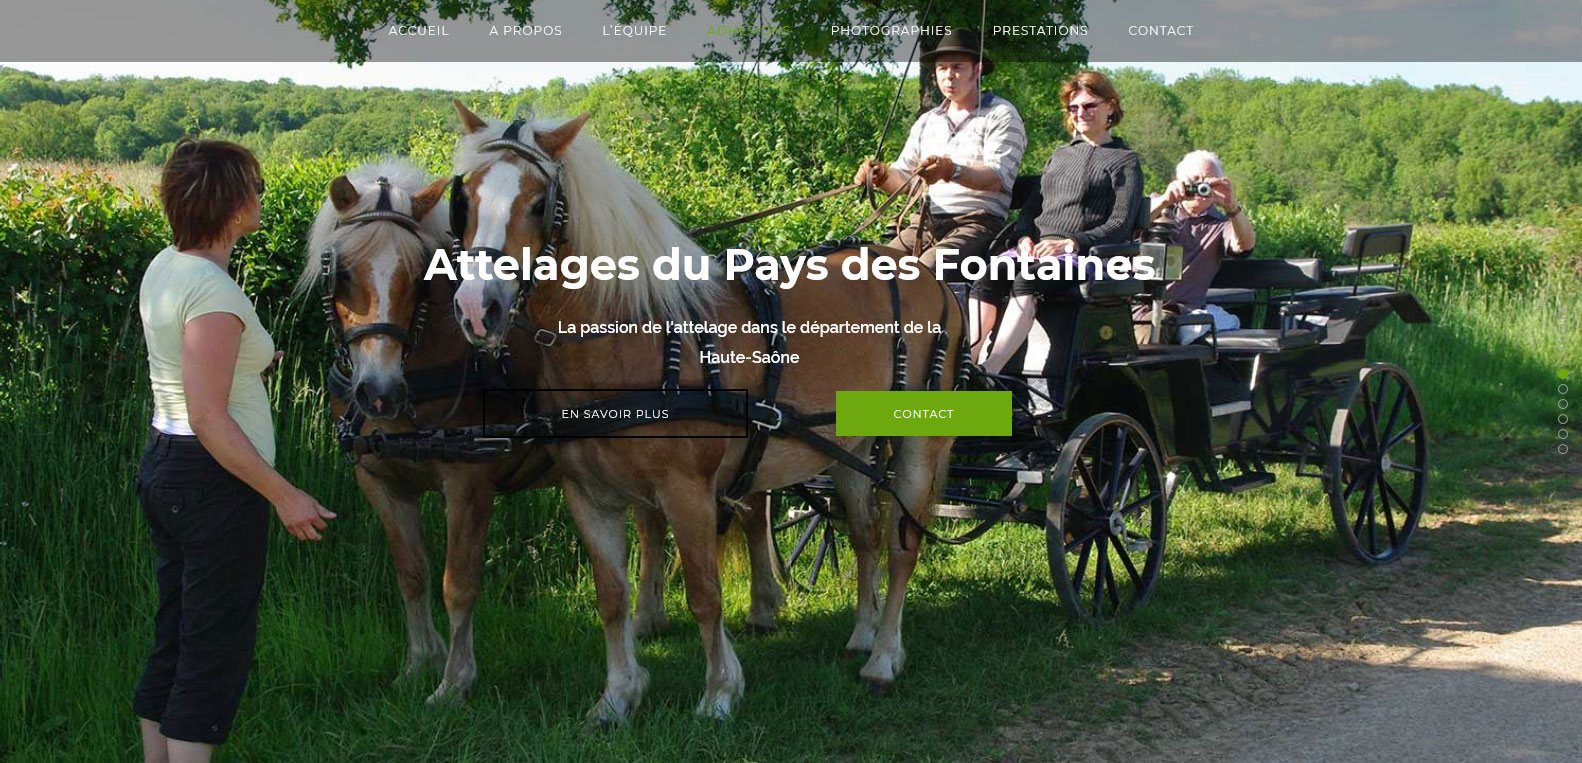 Site web d'attelage 70, client Karedess, agence web situé à Mulhouse